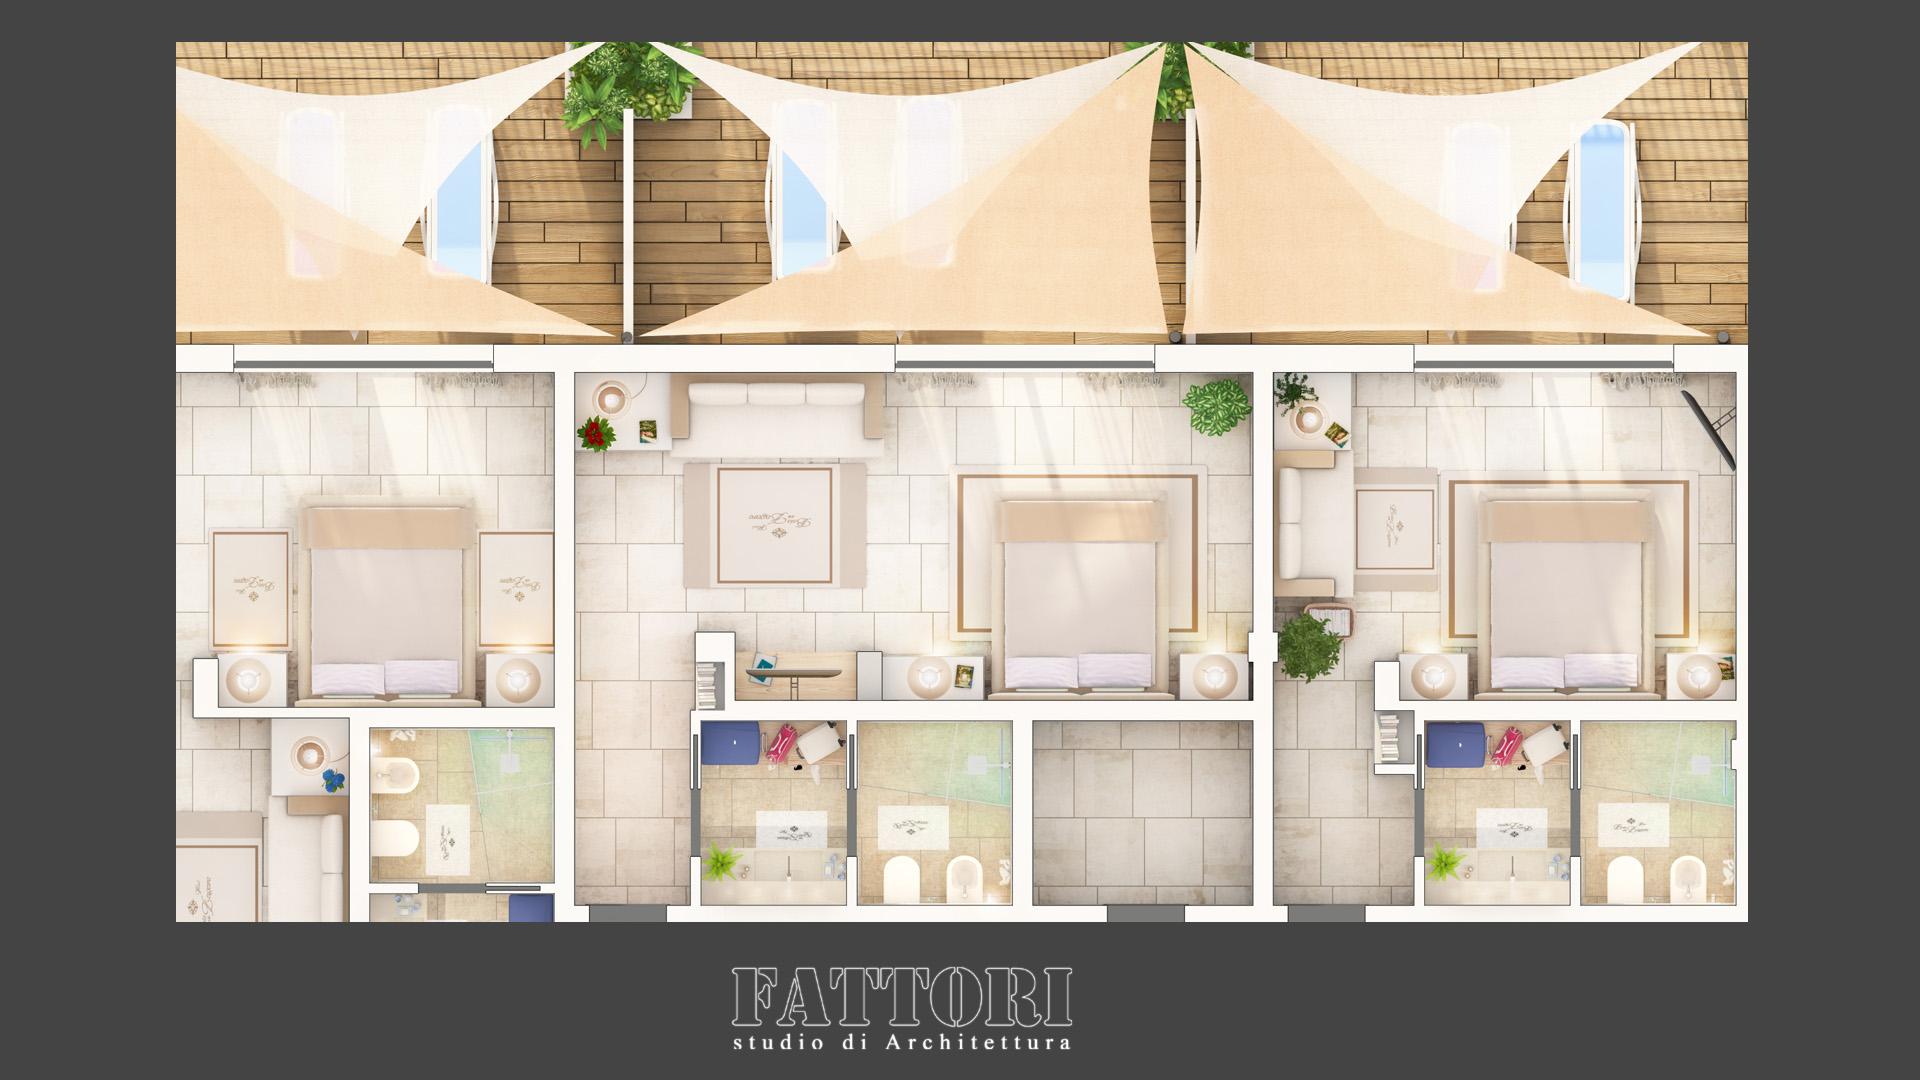 Studio di Architettura Fattori Fausto - Hotel Baia delle Zagare - Mattinata - Proposta progetto riorganizzazione interna camere_2